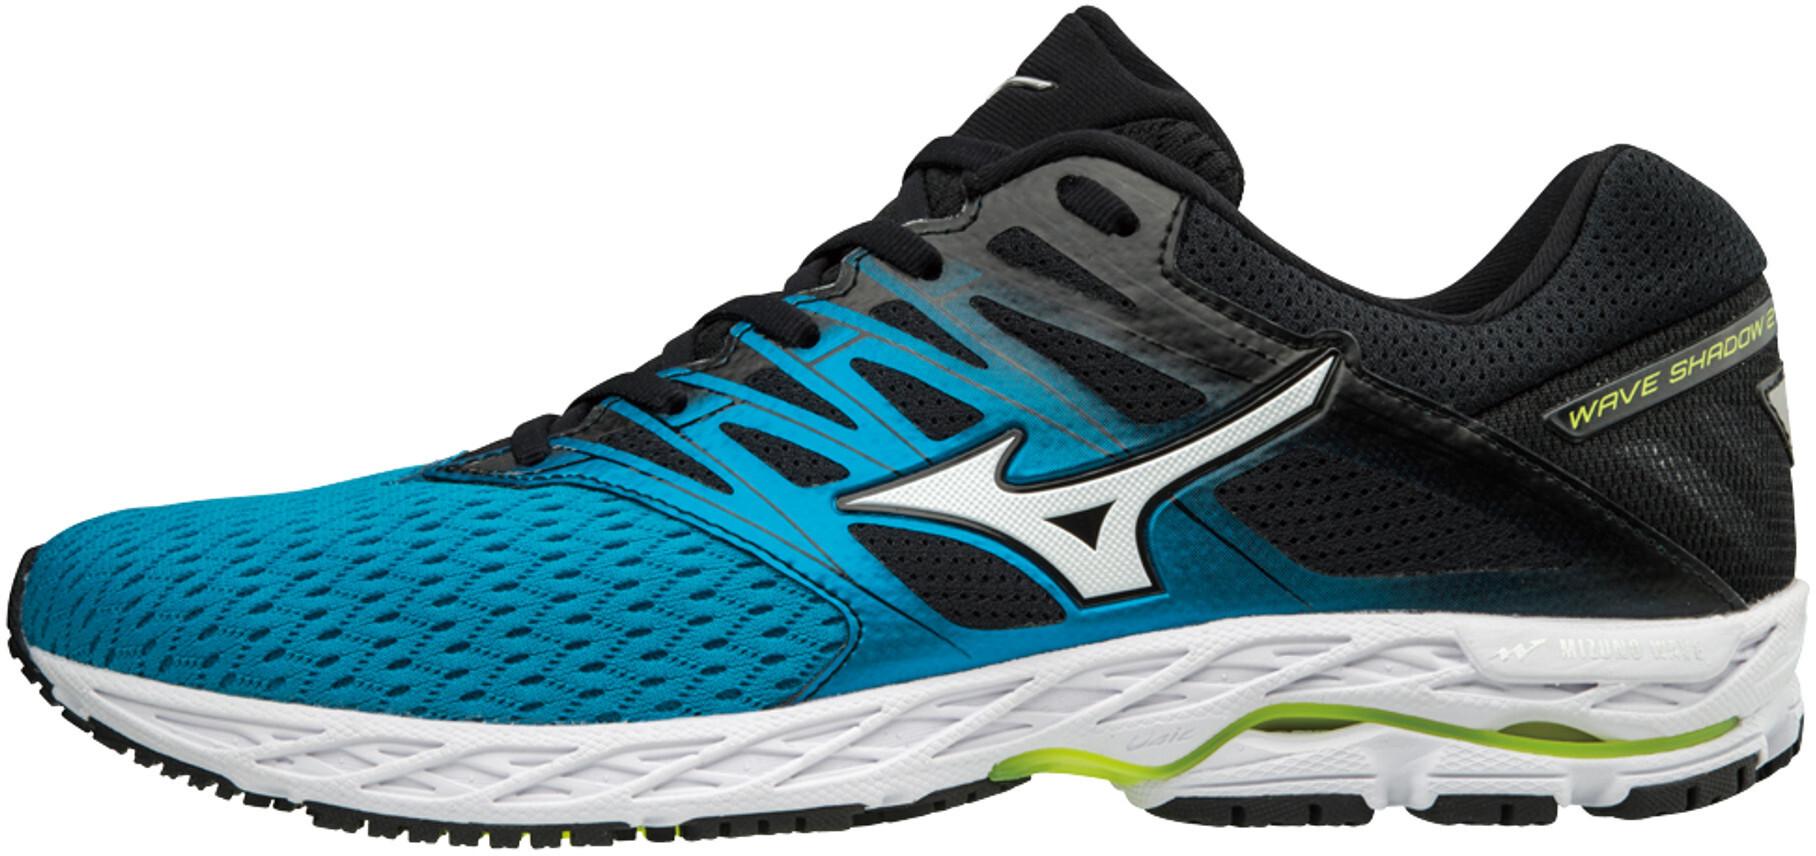 Brooks Yellow Running Shoes